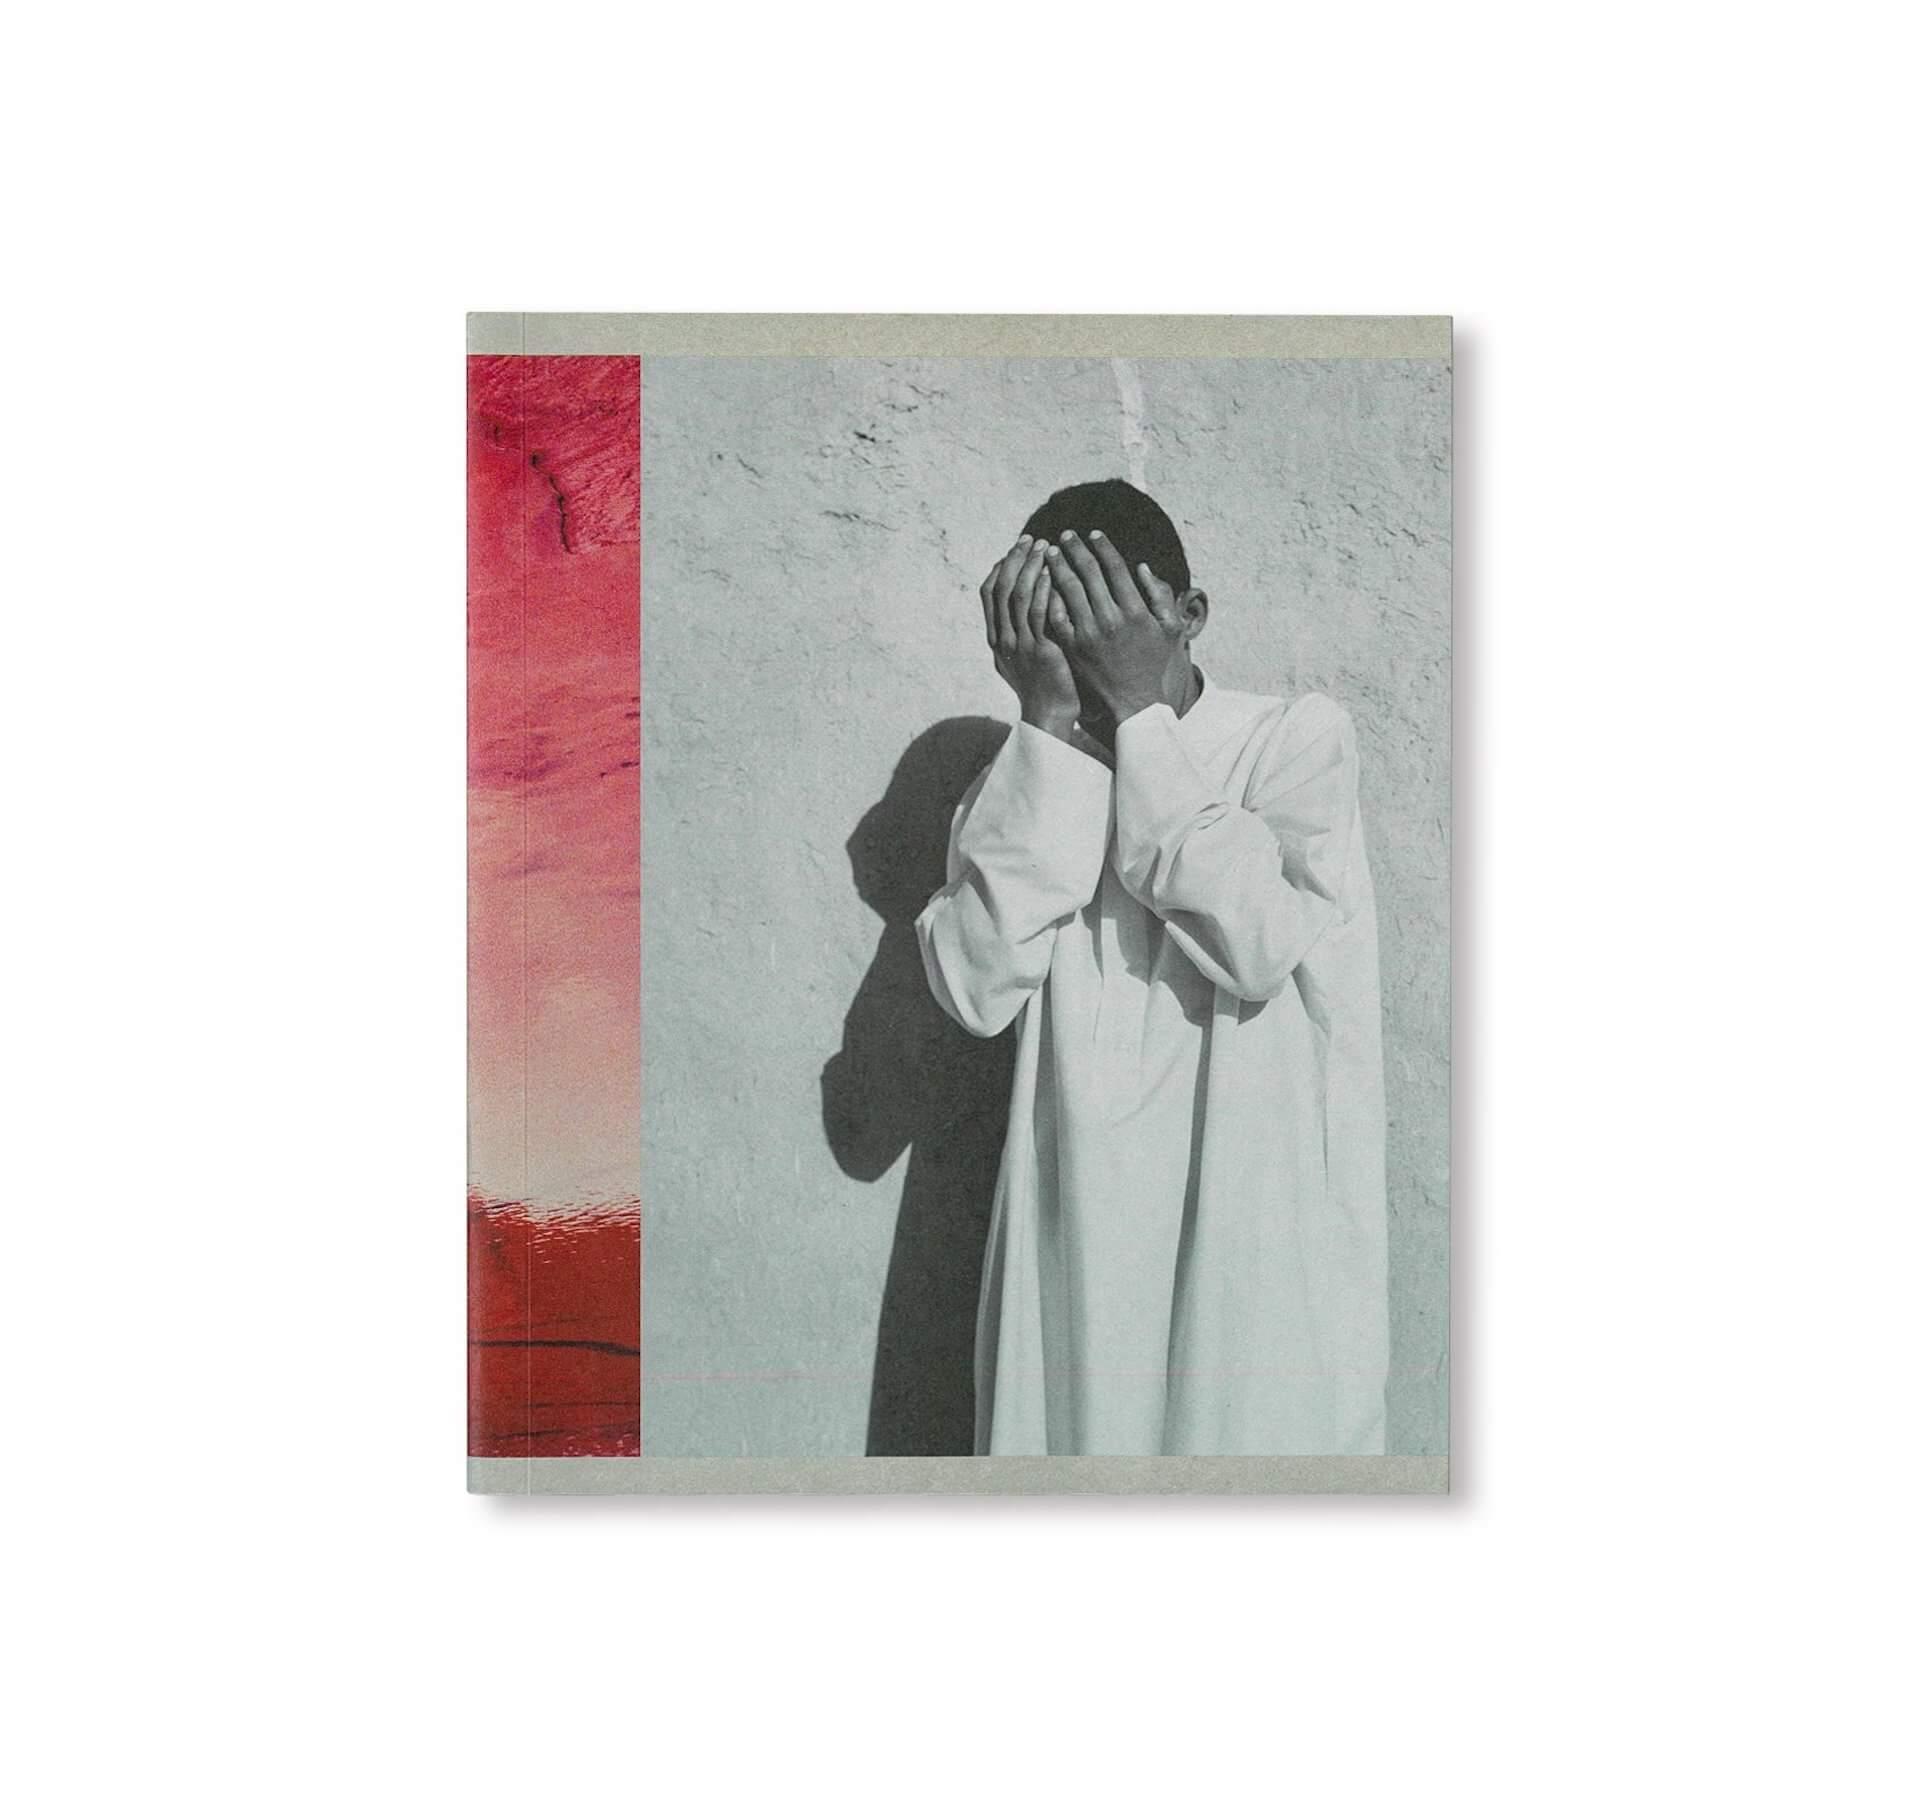 アートブックノススメ|Qetic編集部が選ぶ5冊/Roni Ahn 他 column210916_artbook-010